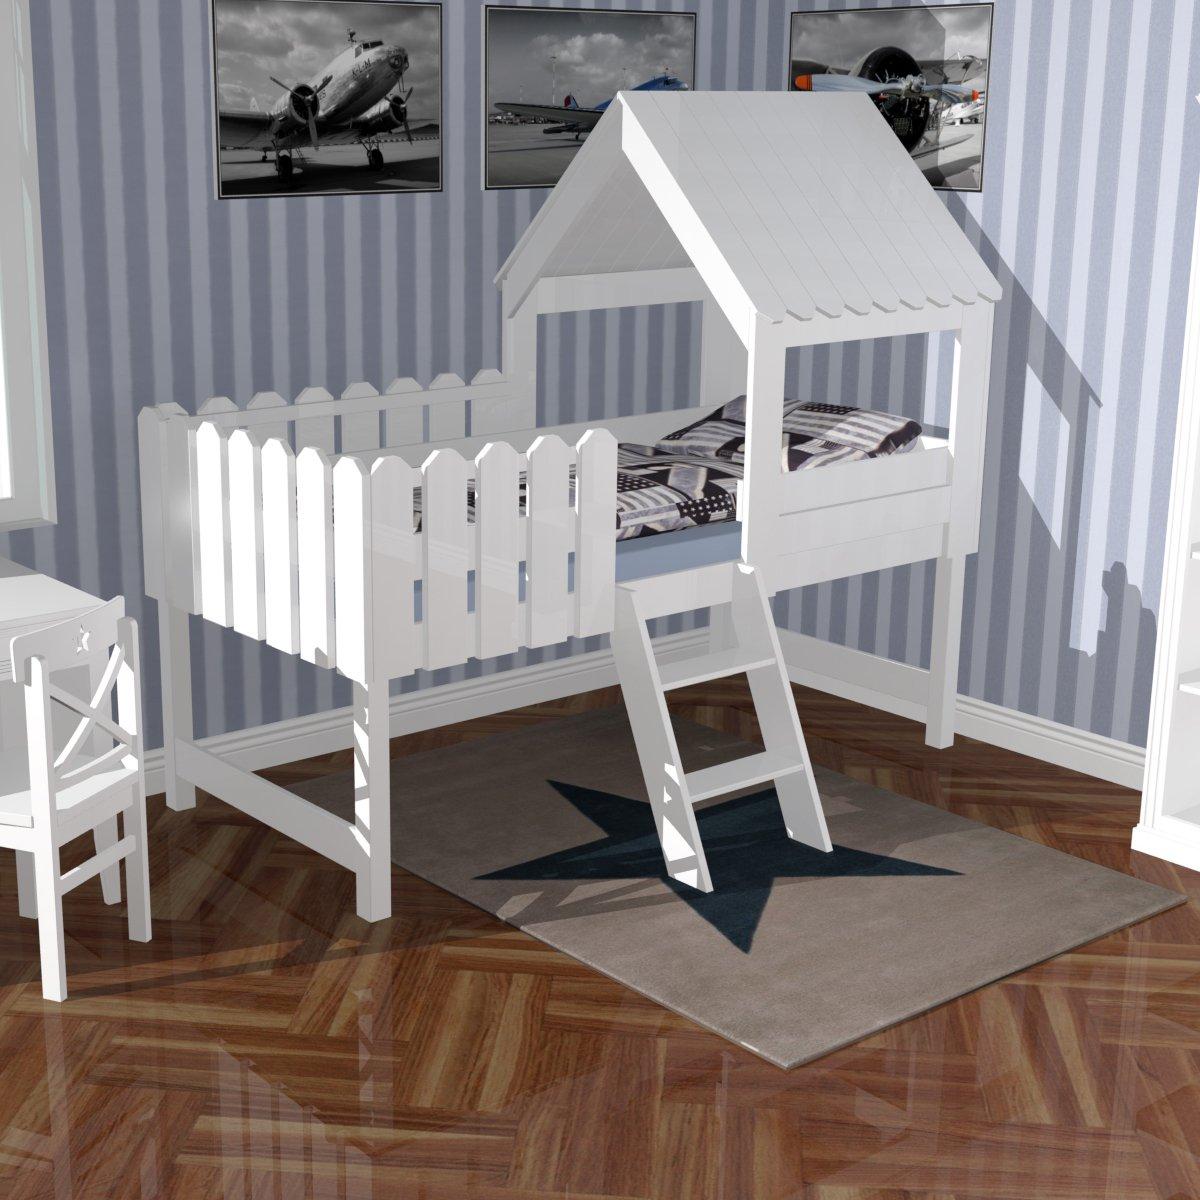 Spielbett | Abenteuerbett | Hochbett BAUMHAUS, Massivholz, weiß, inkl. Lattenrost, 90x200cm kaufen